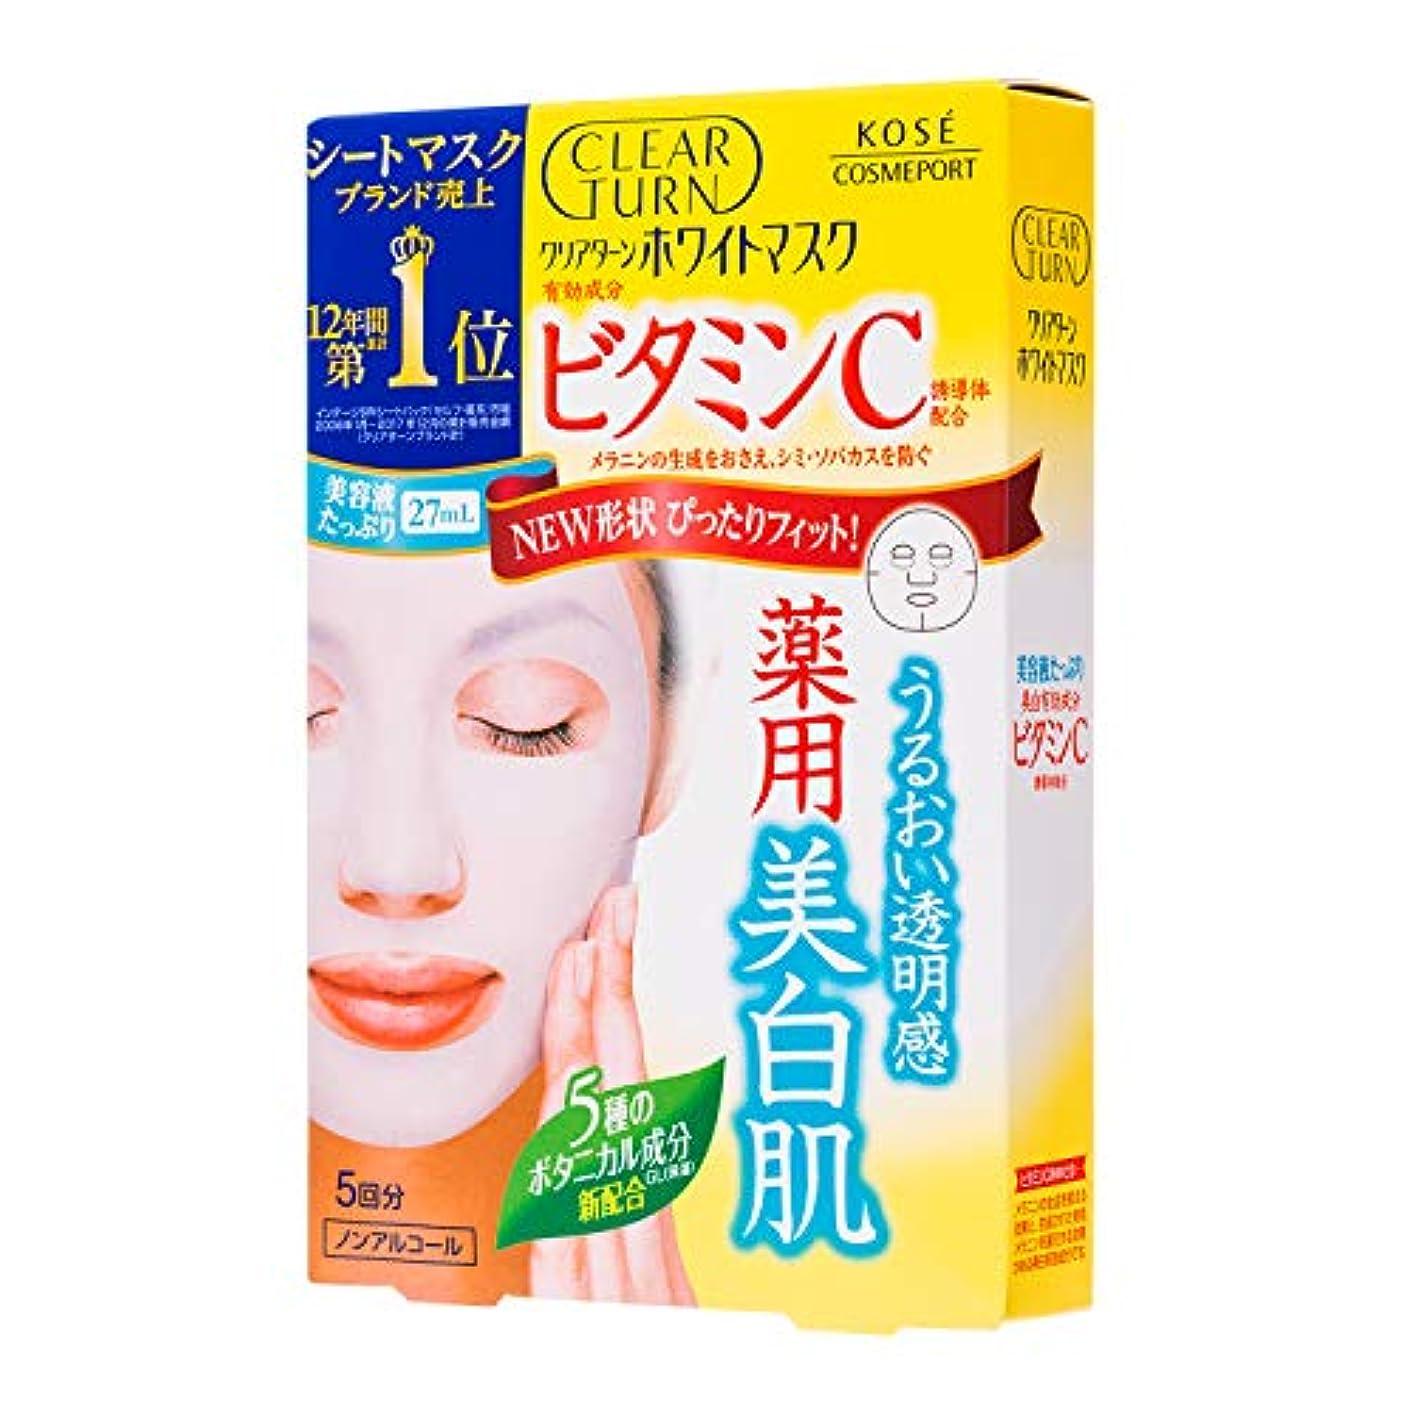 データム関税優しいKOSE コーセー クリアターン ホワイト マスク VC (ビタミンC) 5枚 フェイスマスク